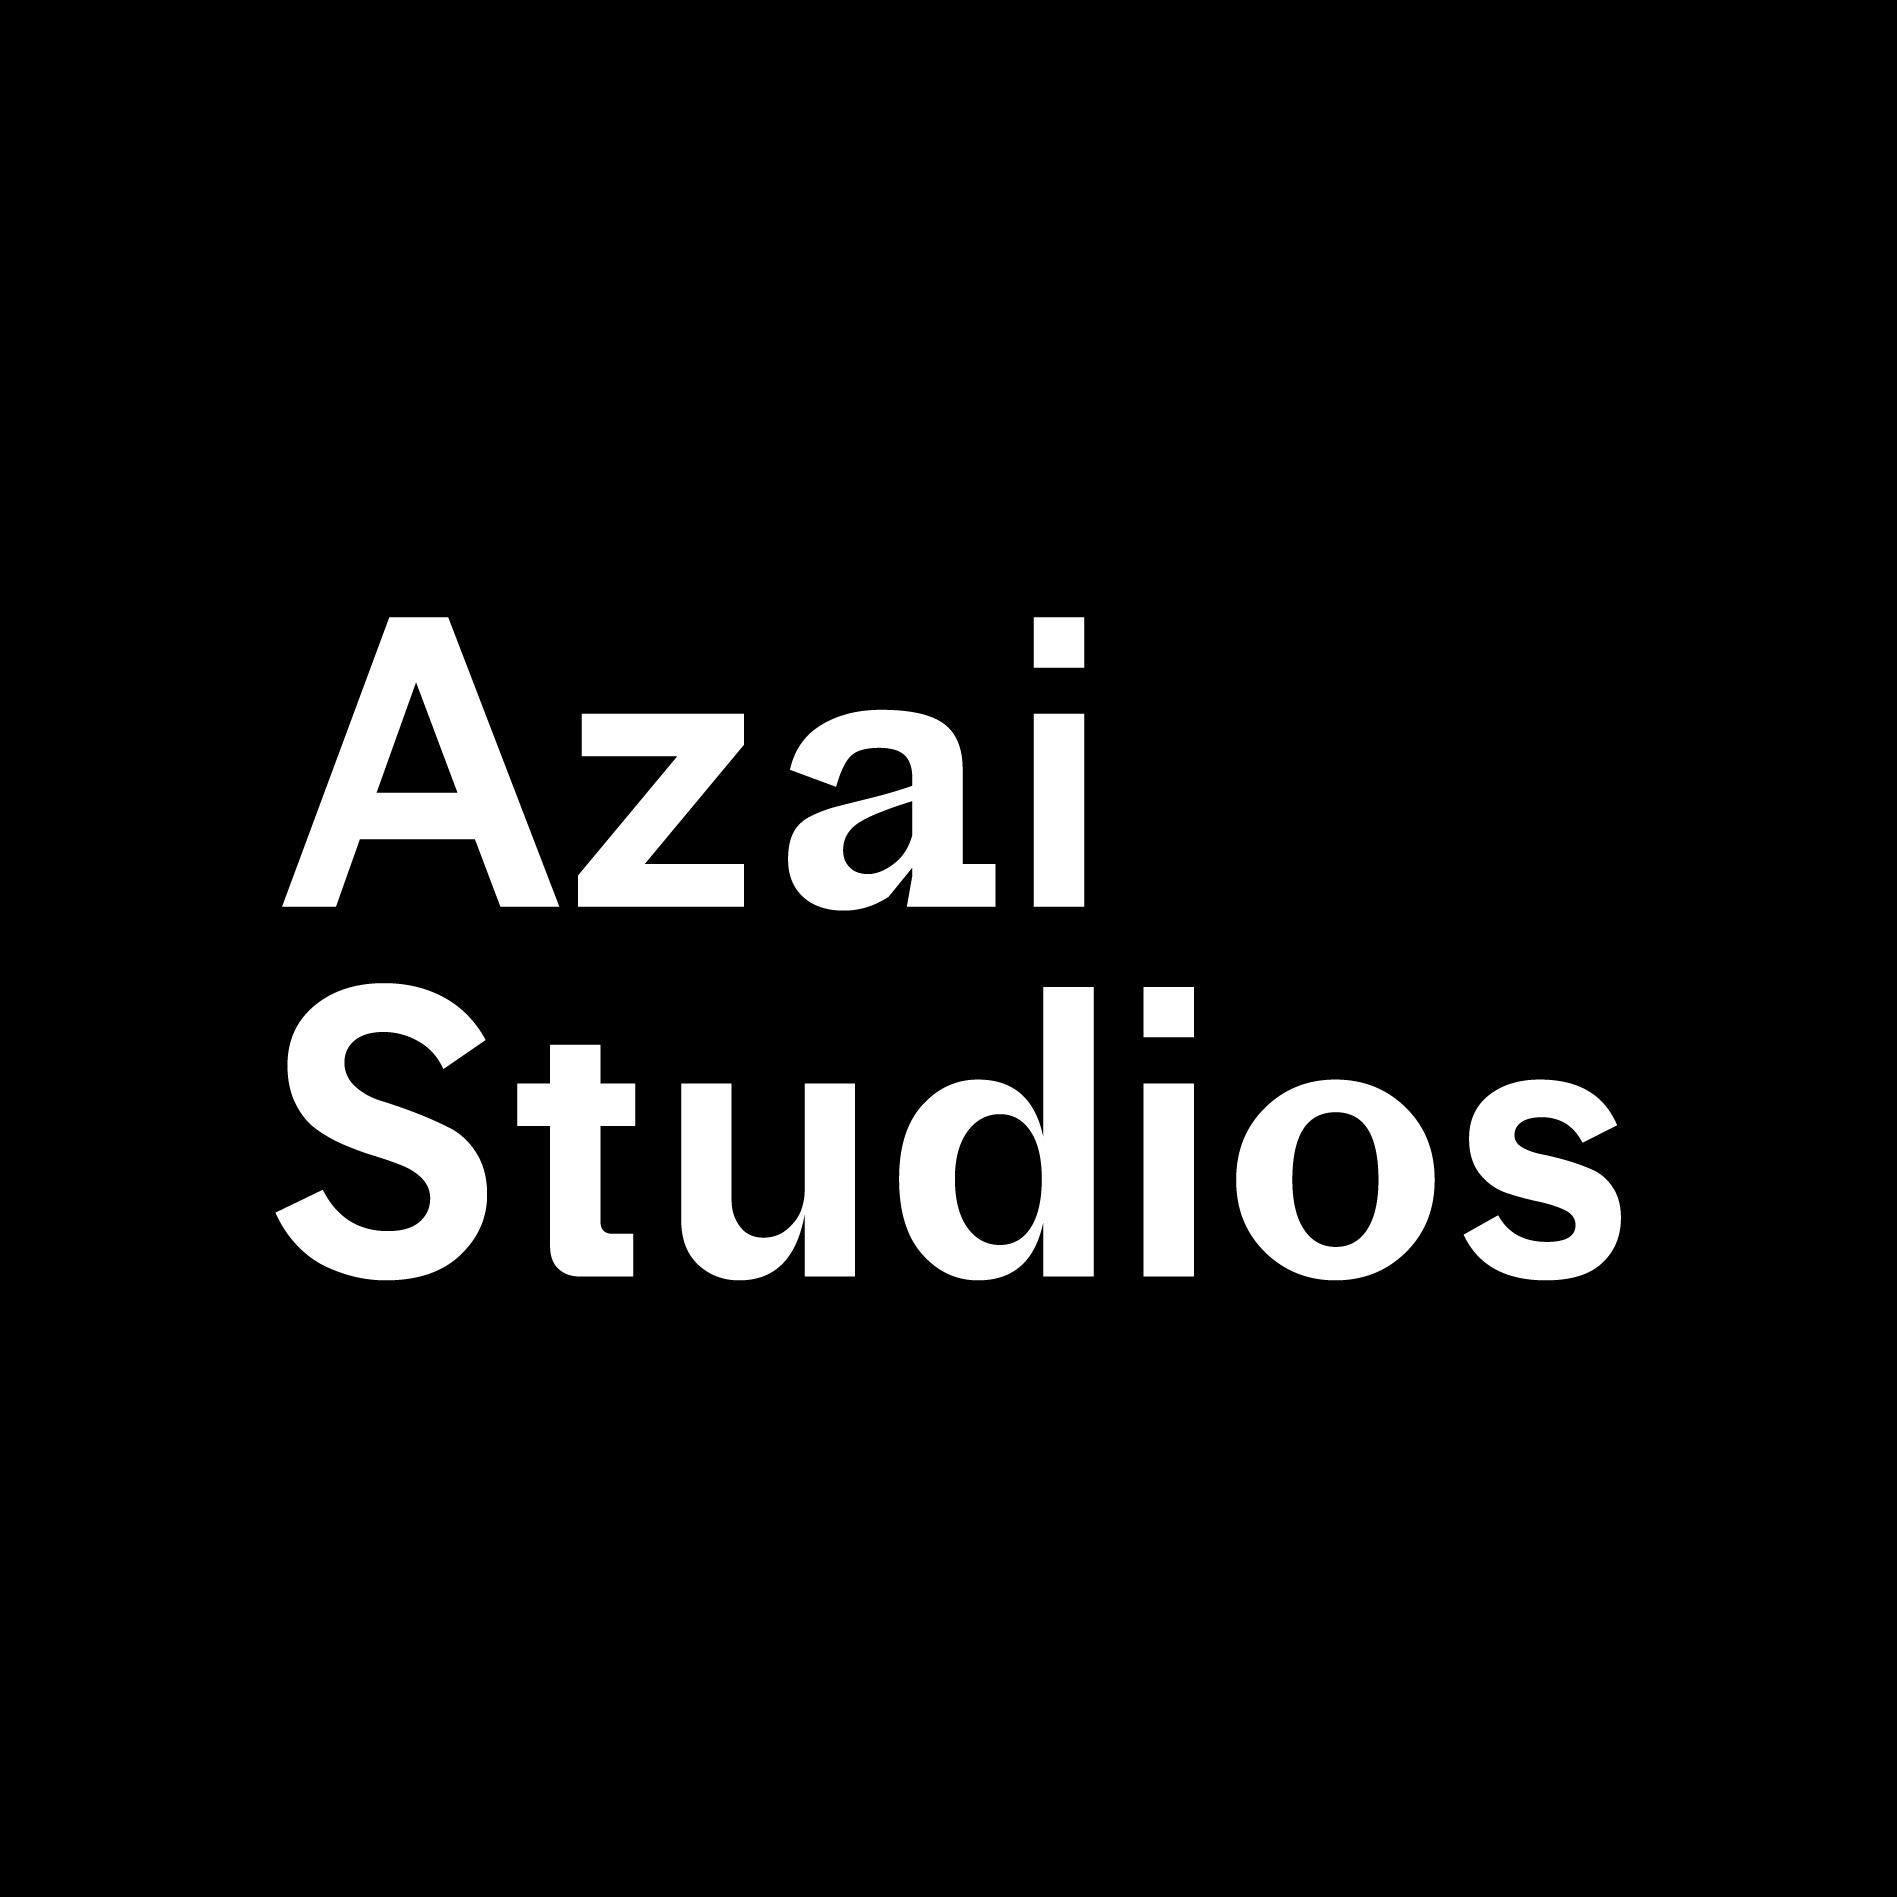 Azai Studios Logo